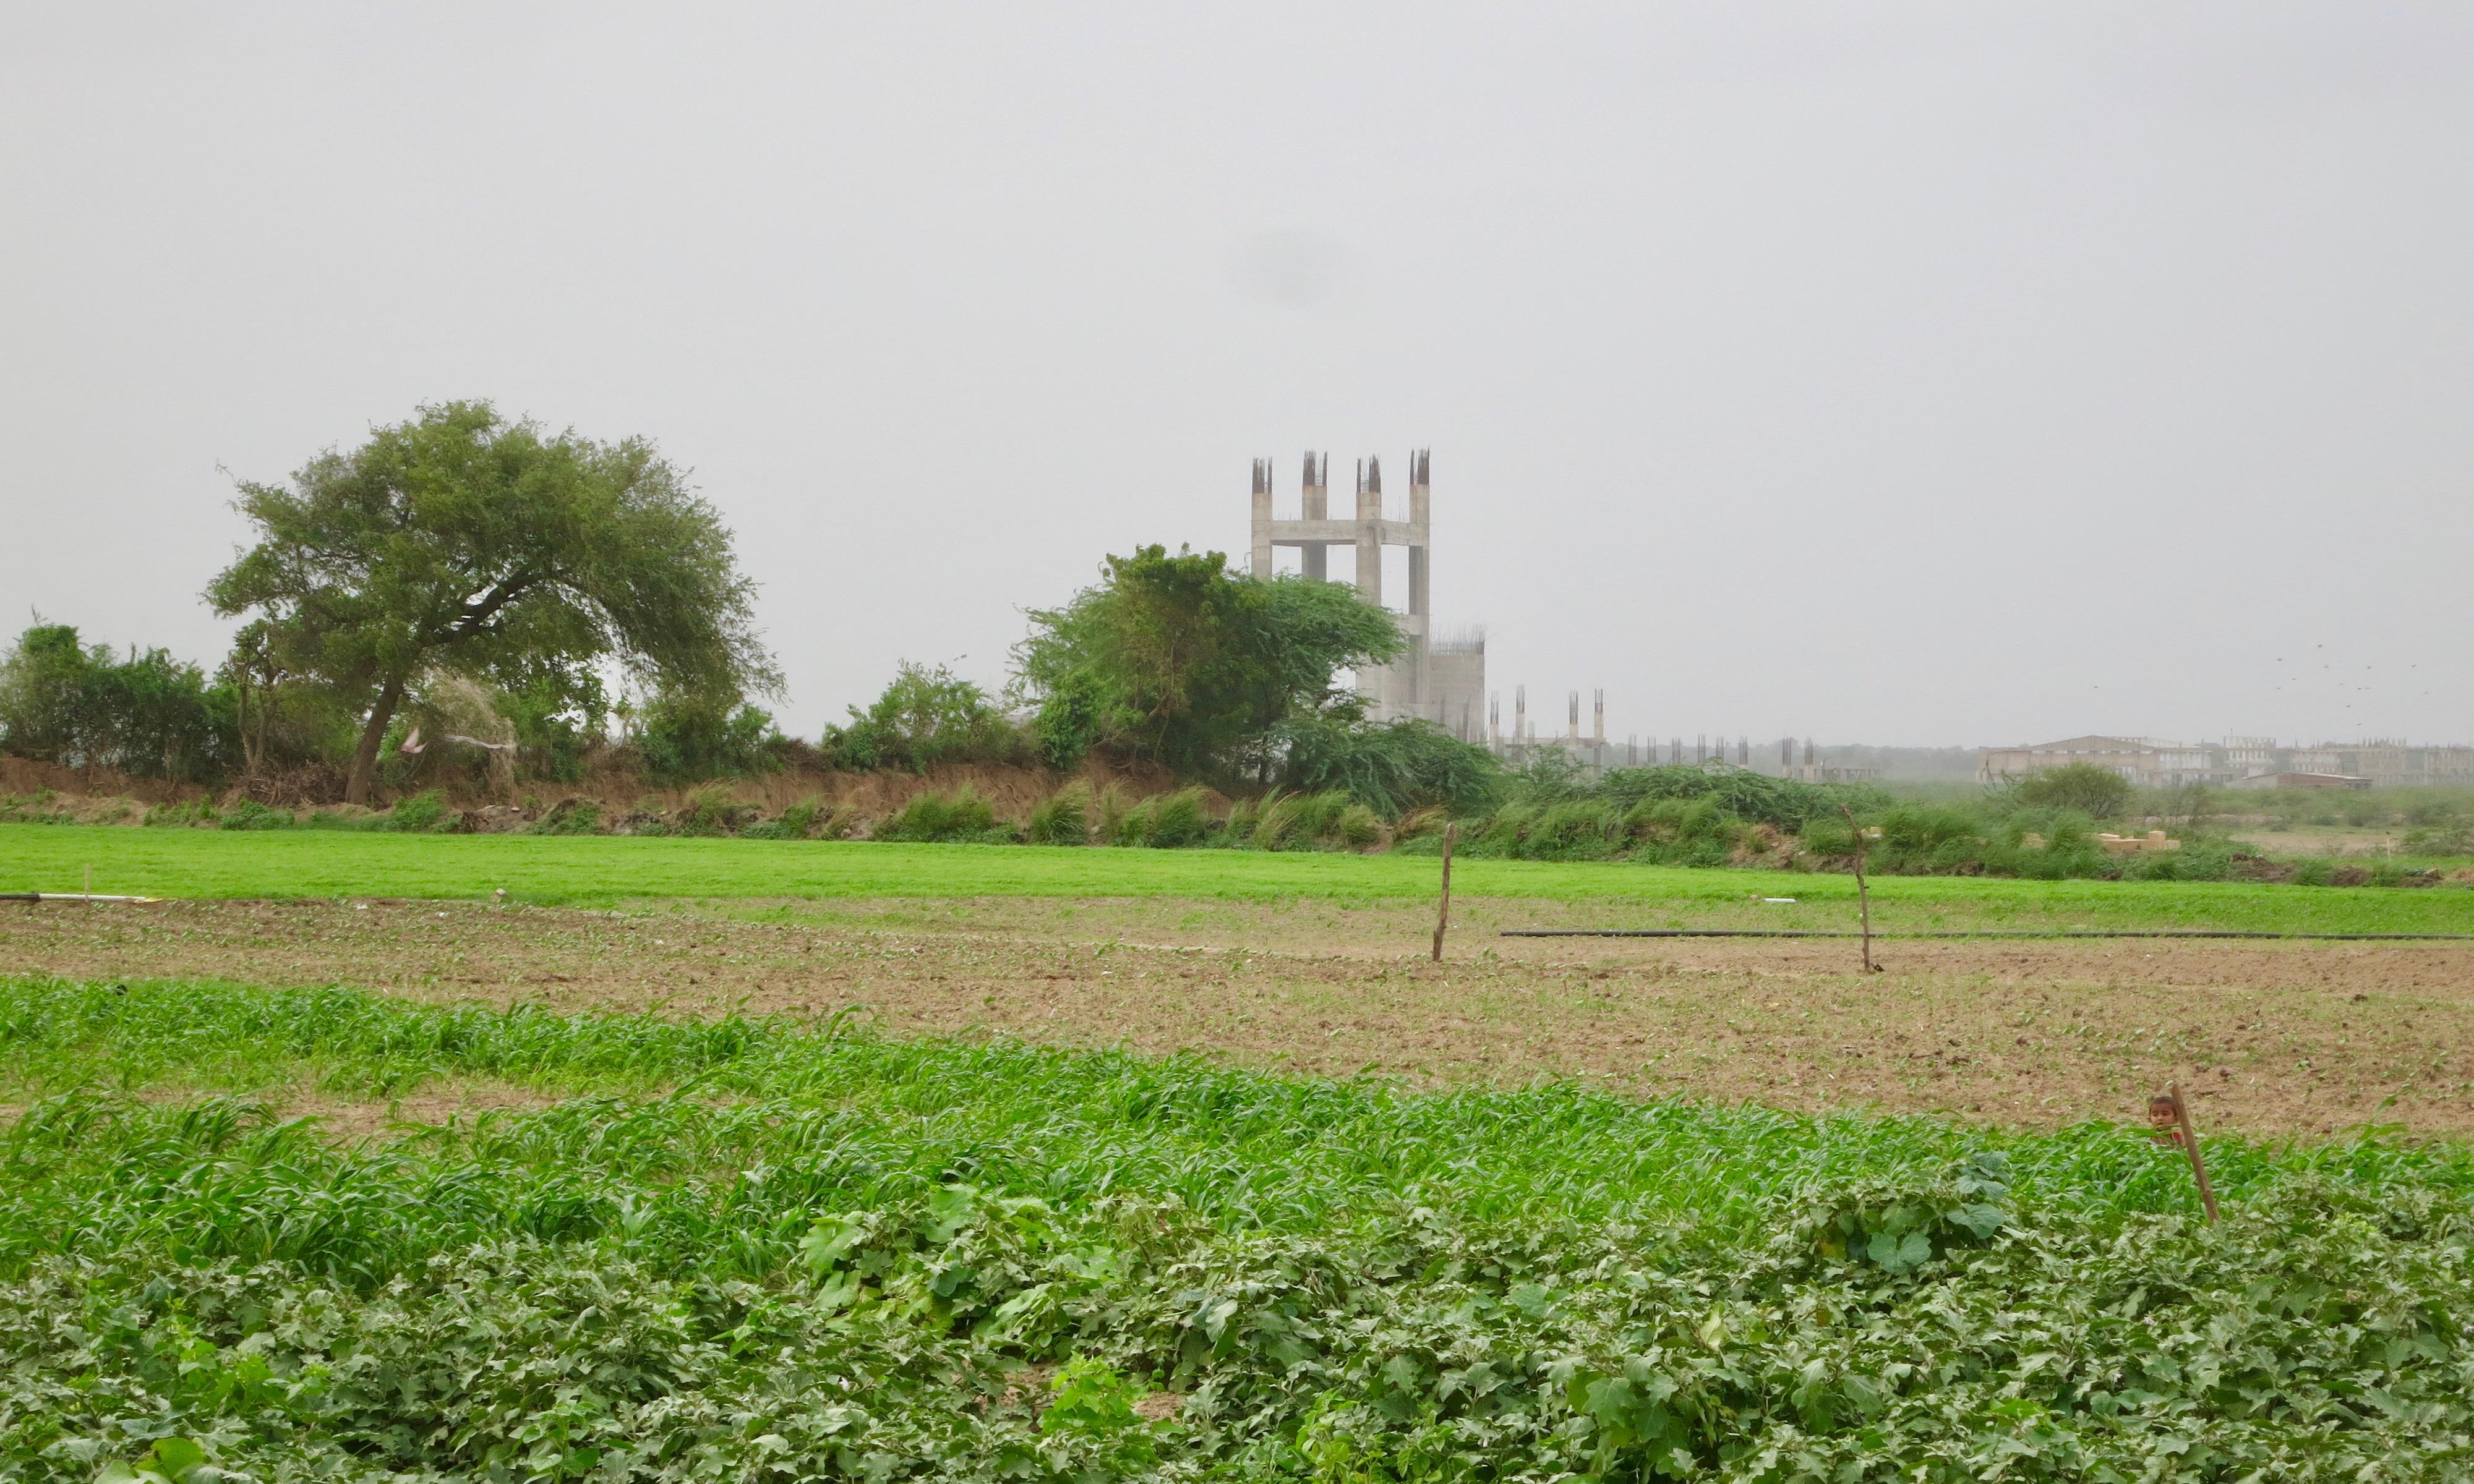 nirma ltd. cement plant in coastal villages of mahuva, gujarat